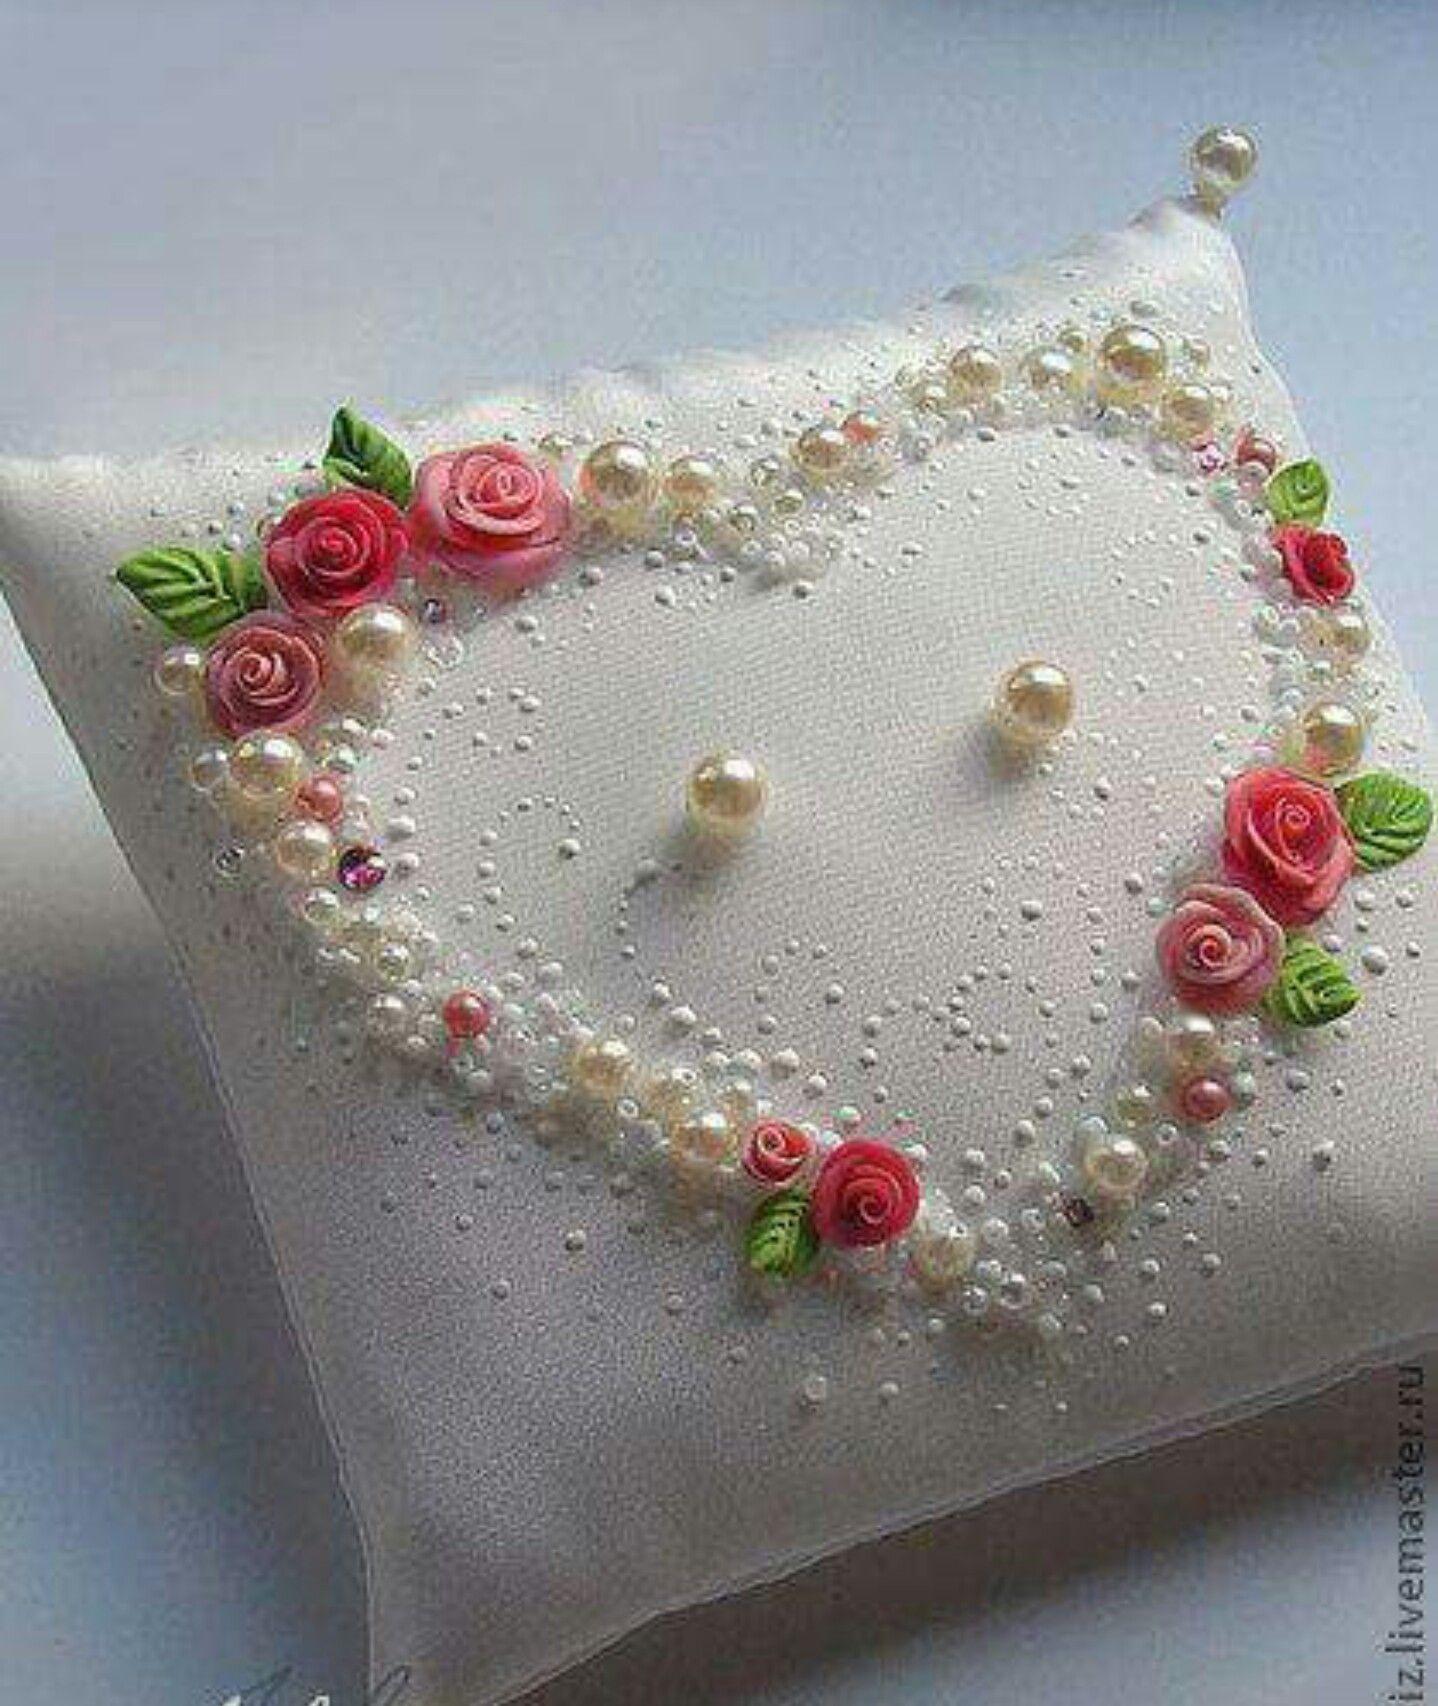 Wedding decorations in uganda  Pin by Gözde arslan on yastık  pillow  Pinterest